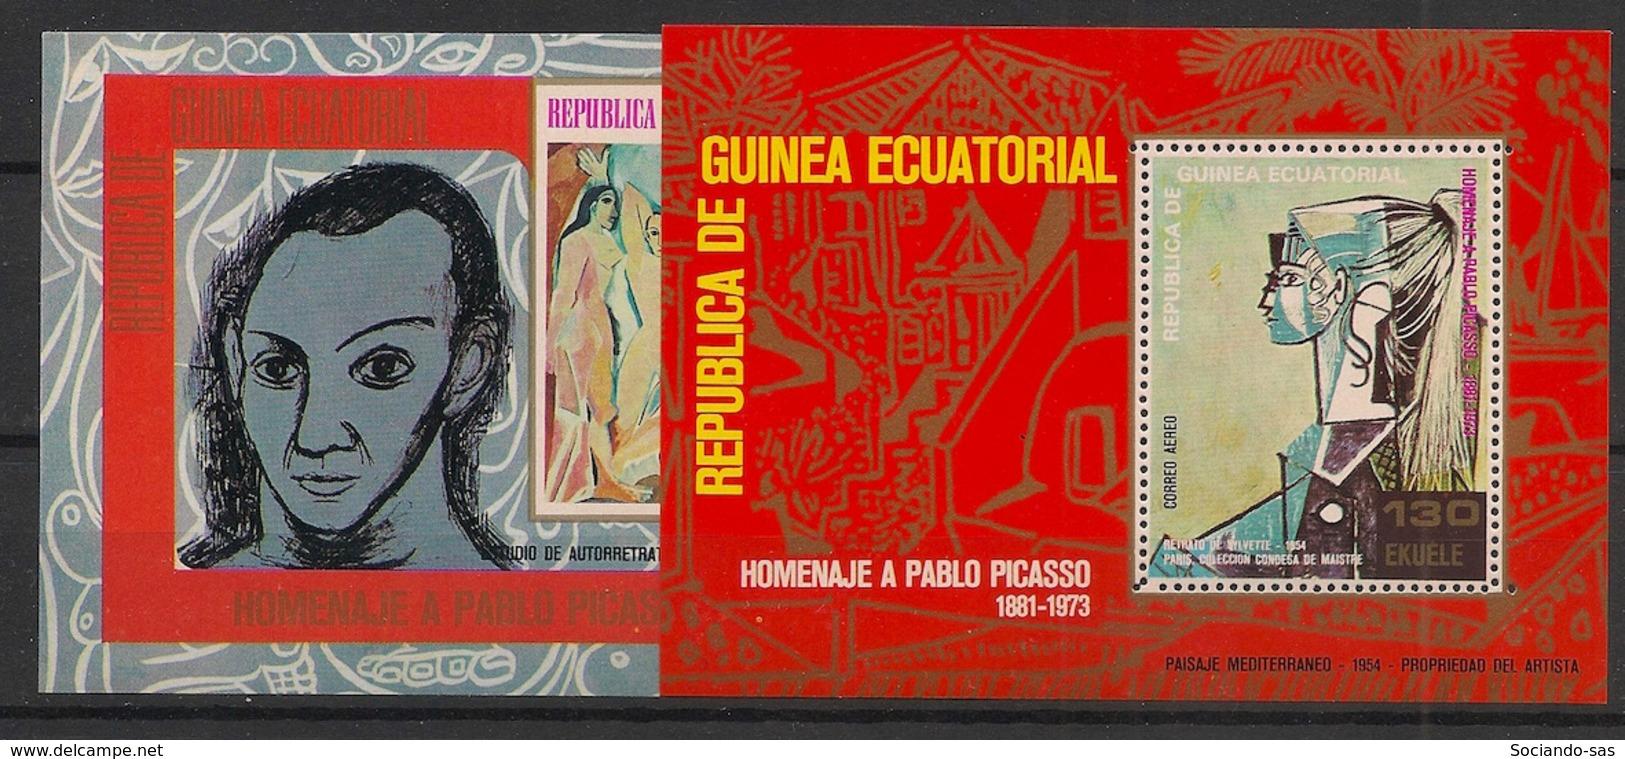 Guinée  équatoriale - 1974 - N°Mi. Bloc 115 à 116 - Picasso - Neuf Luxe ** / MNH / Postfrisch - Picasso